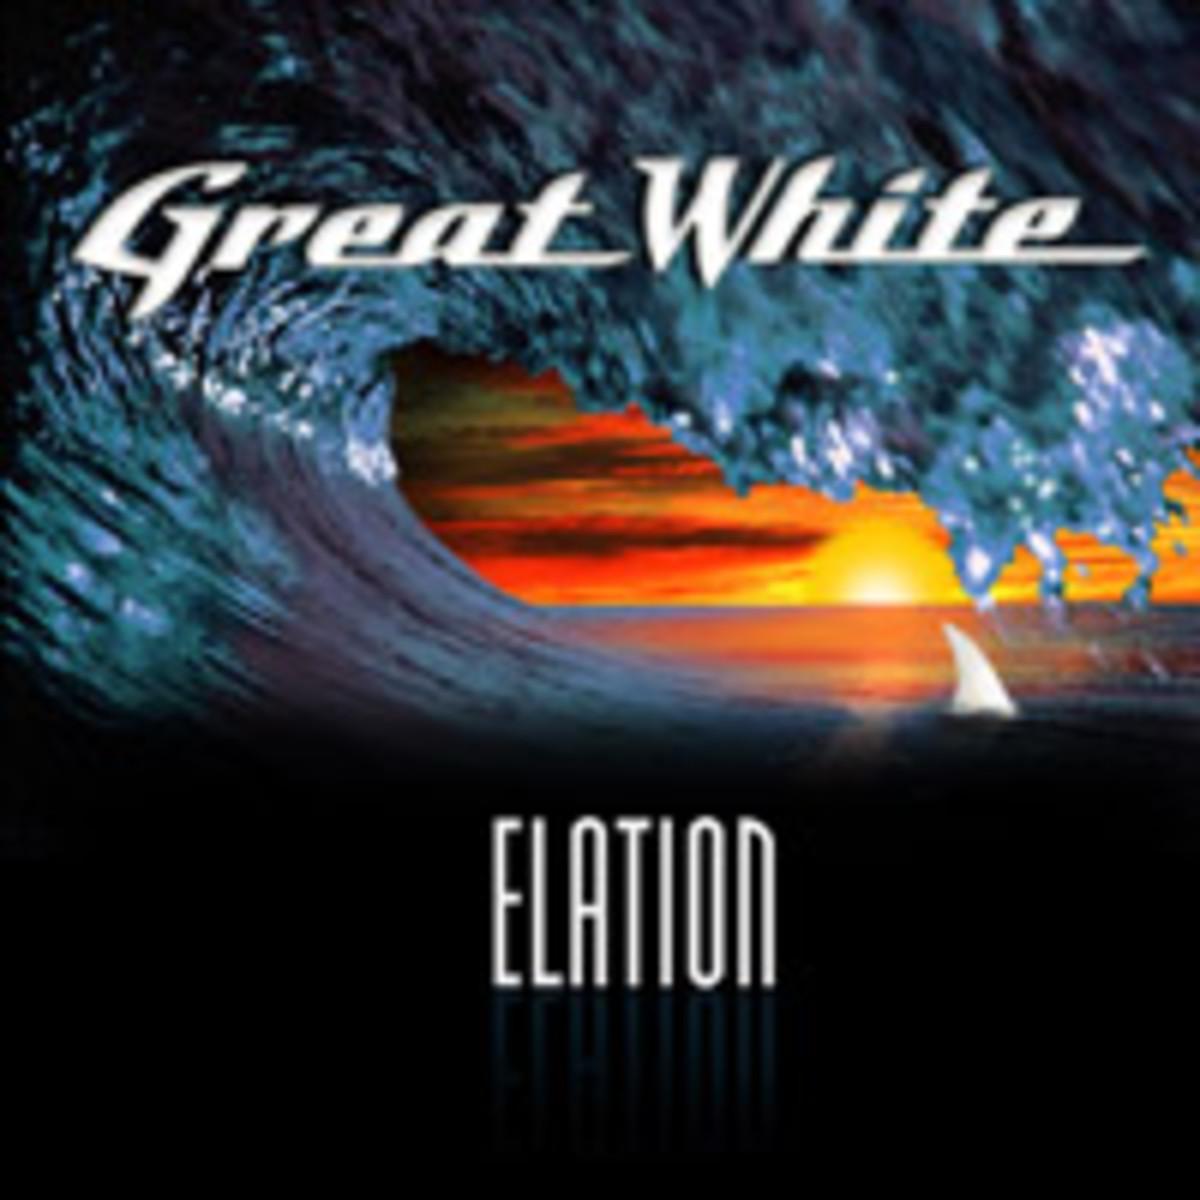 Great White Elation